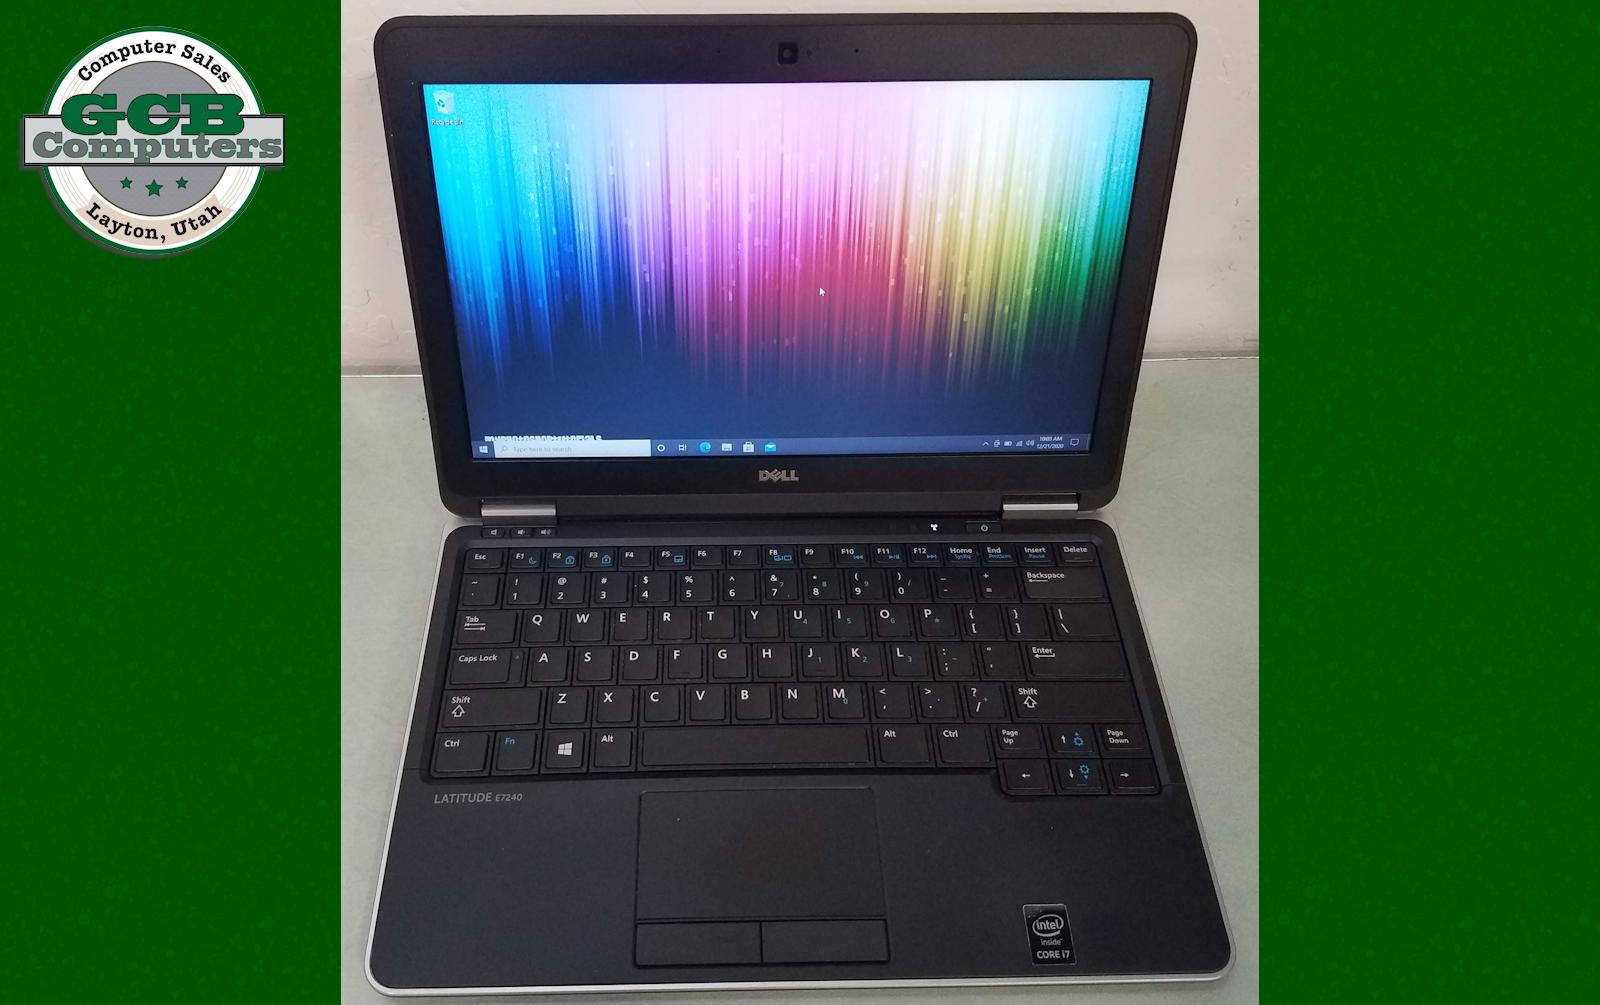 $200 Dell 7240 i7-4600U 256GB SSD 8GB RAM Webcam HDMI